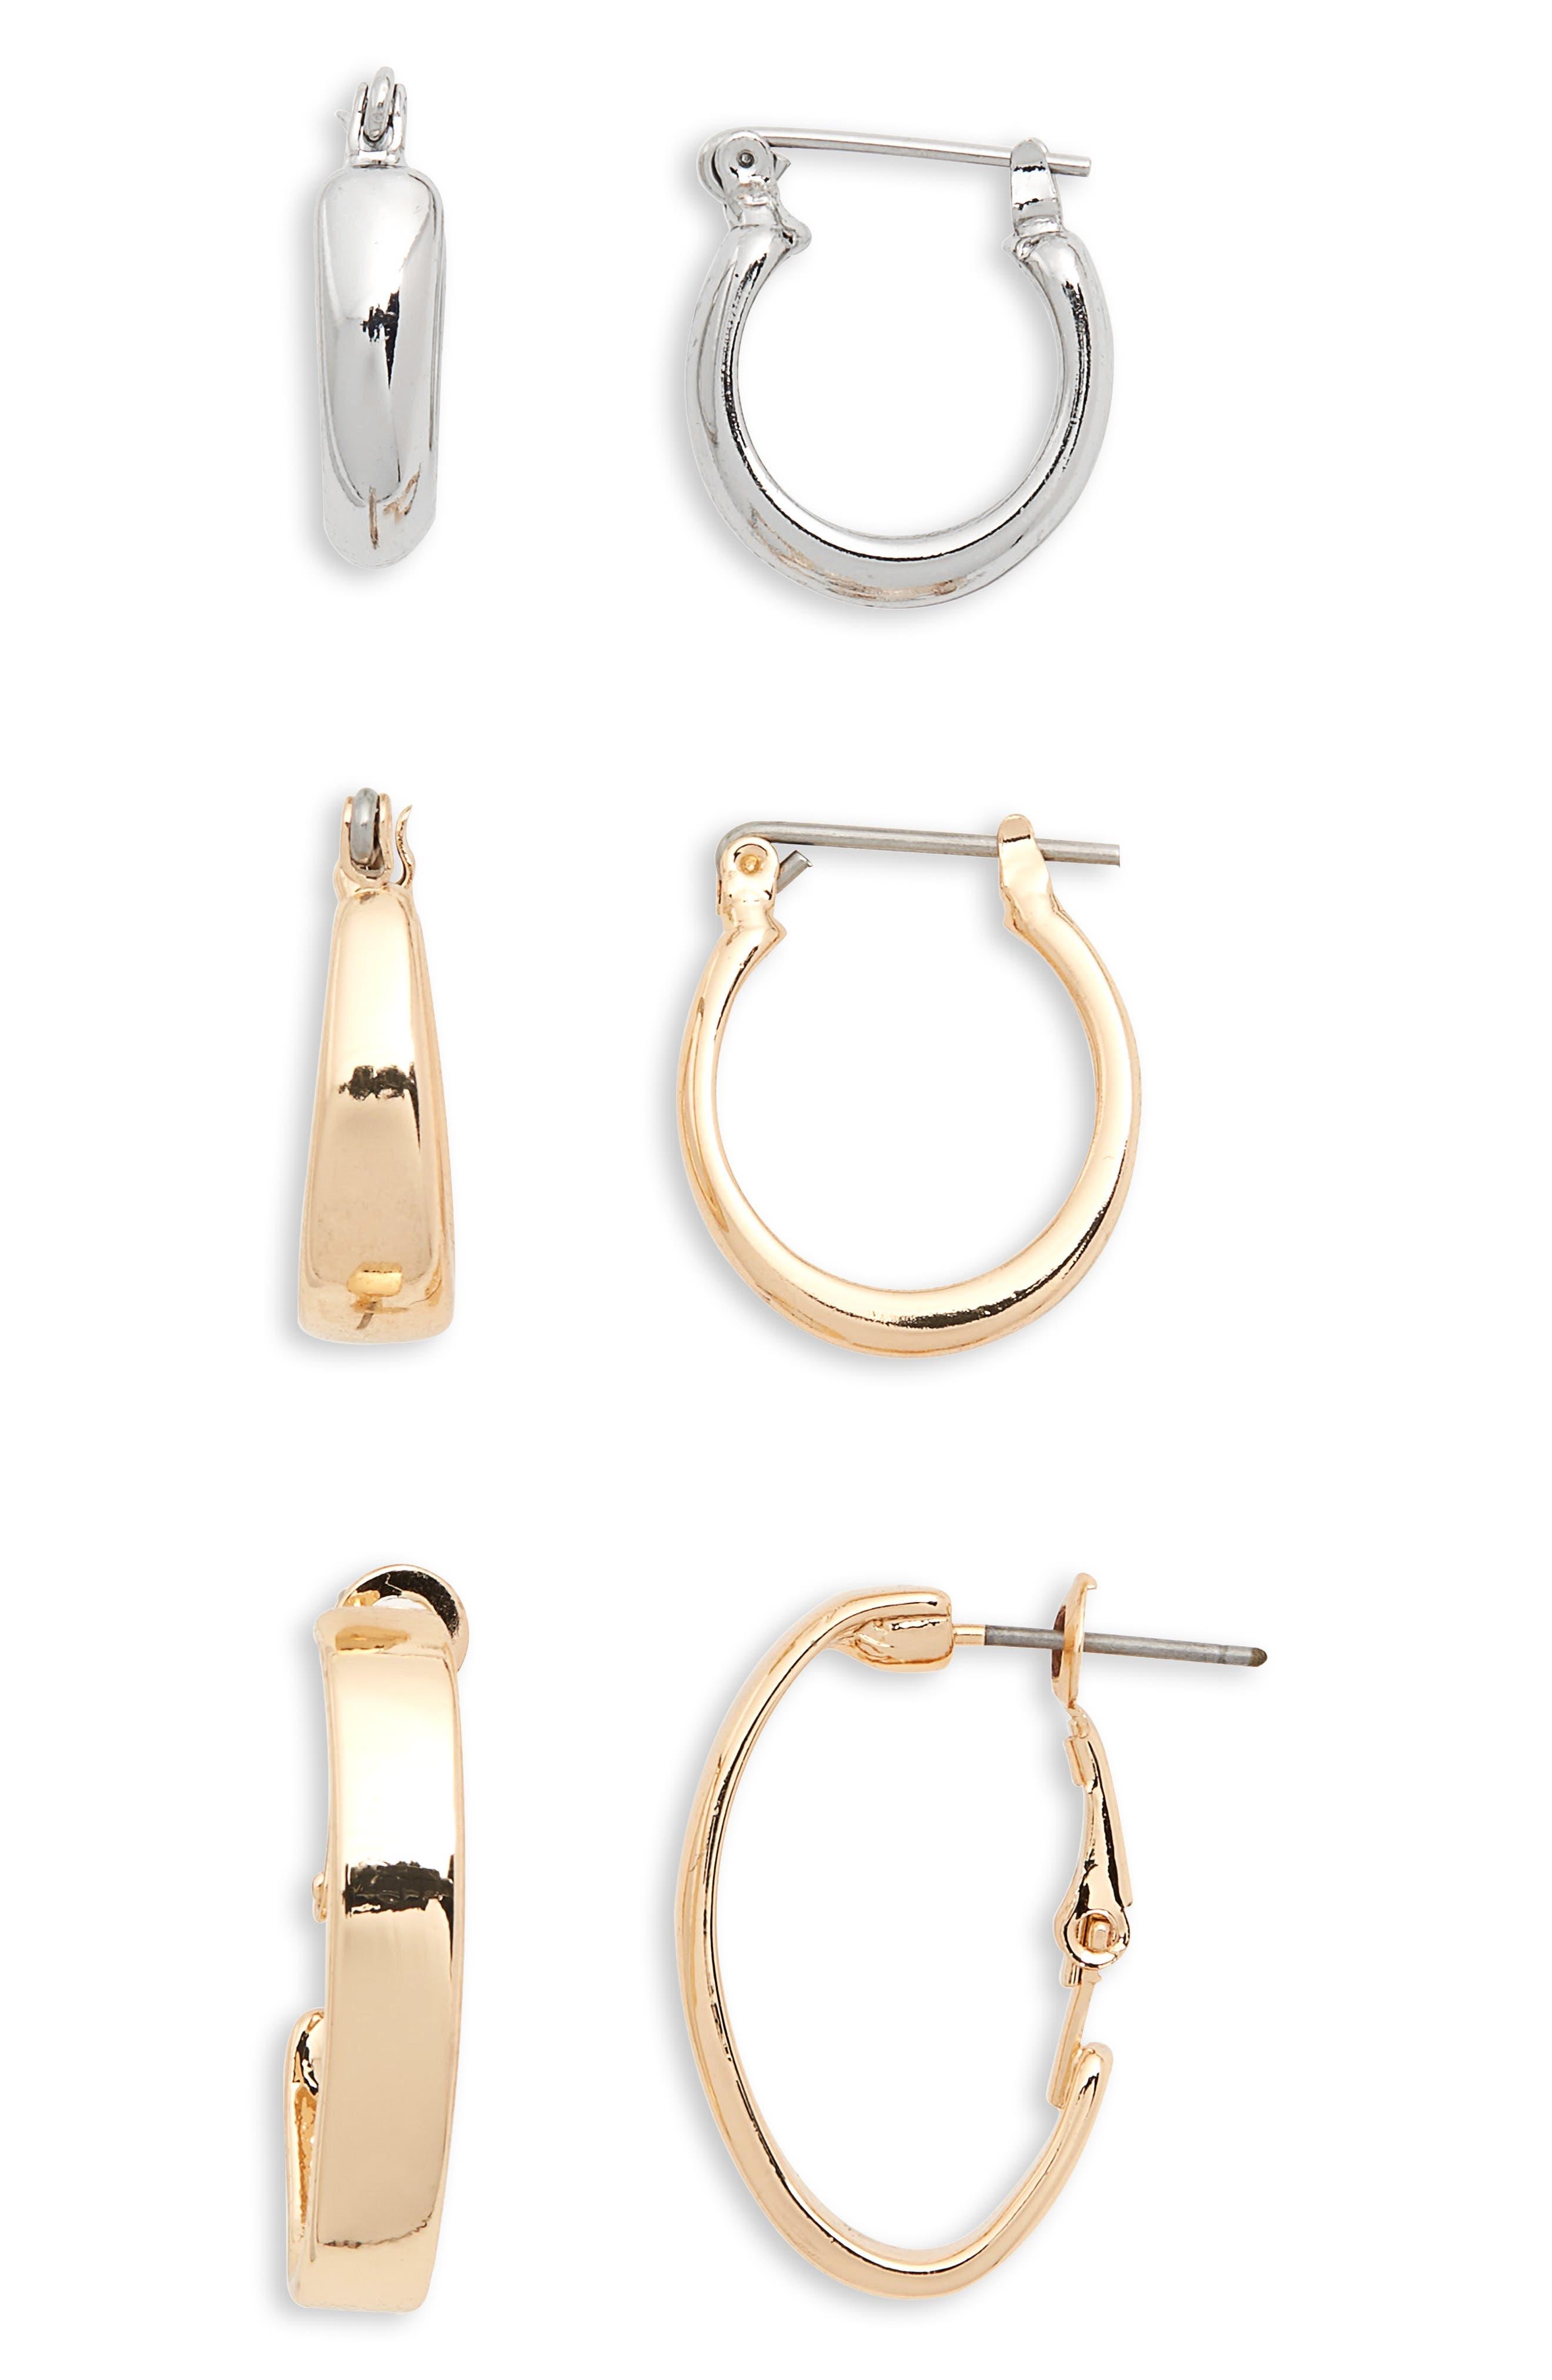 Mini Huggie 3-Pack Hoop Earrings,                             Main thumbnail 1, color,                             710